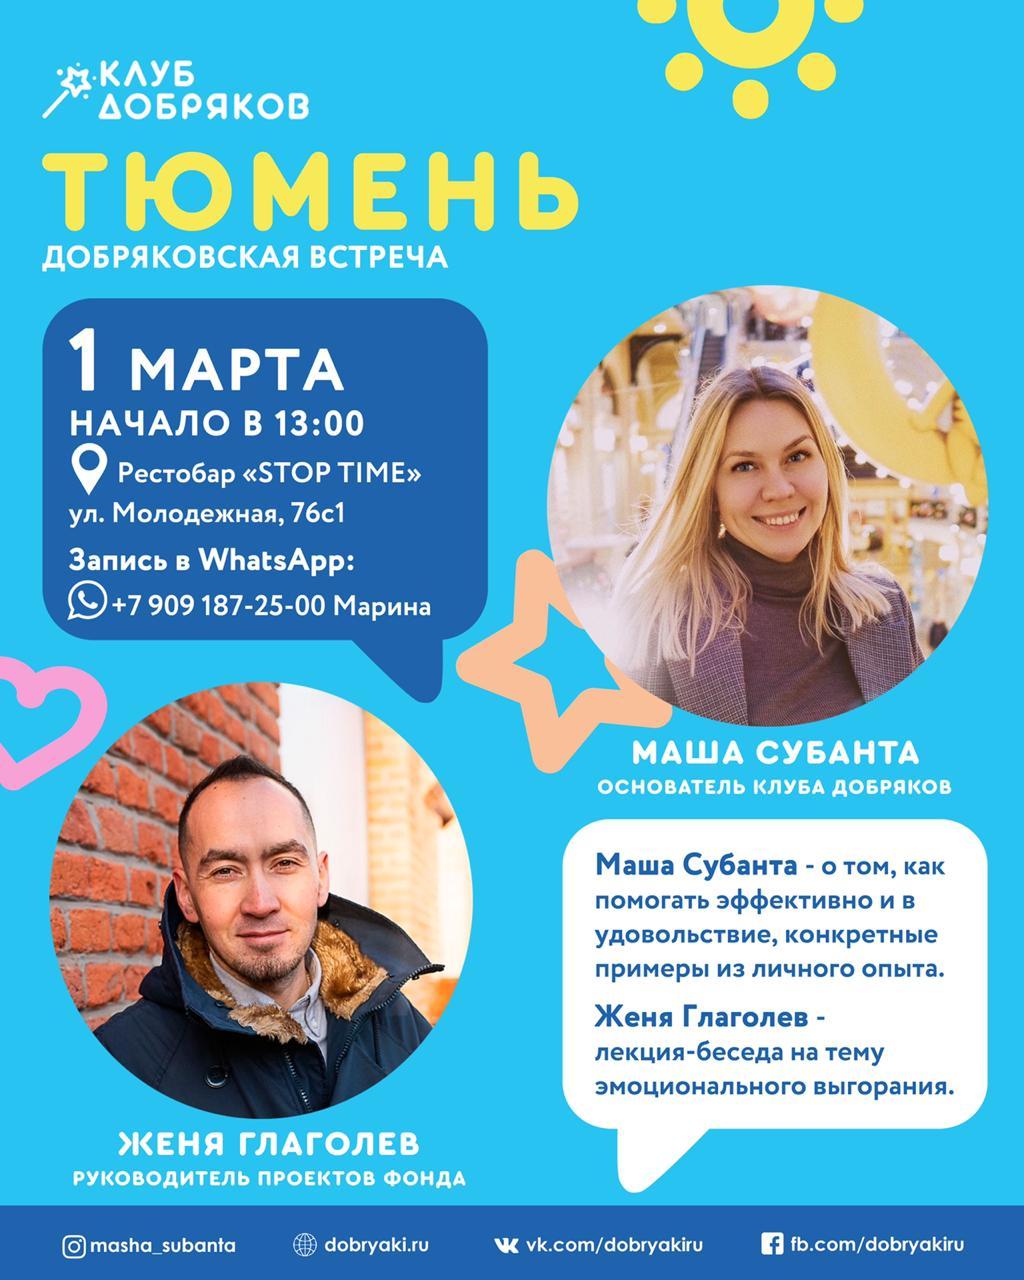 Добряки Тюмени встретятся с Машей Субанта и Женей Глаголевым